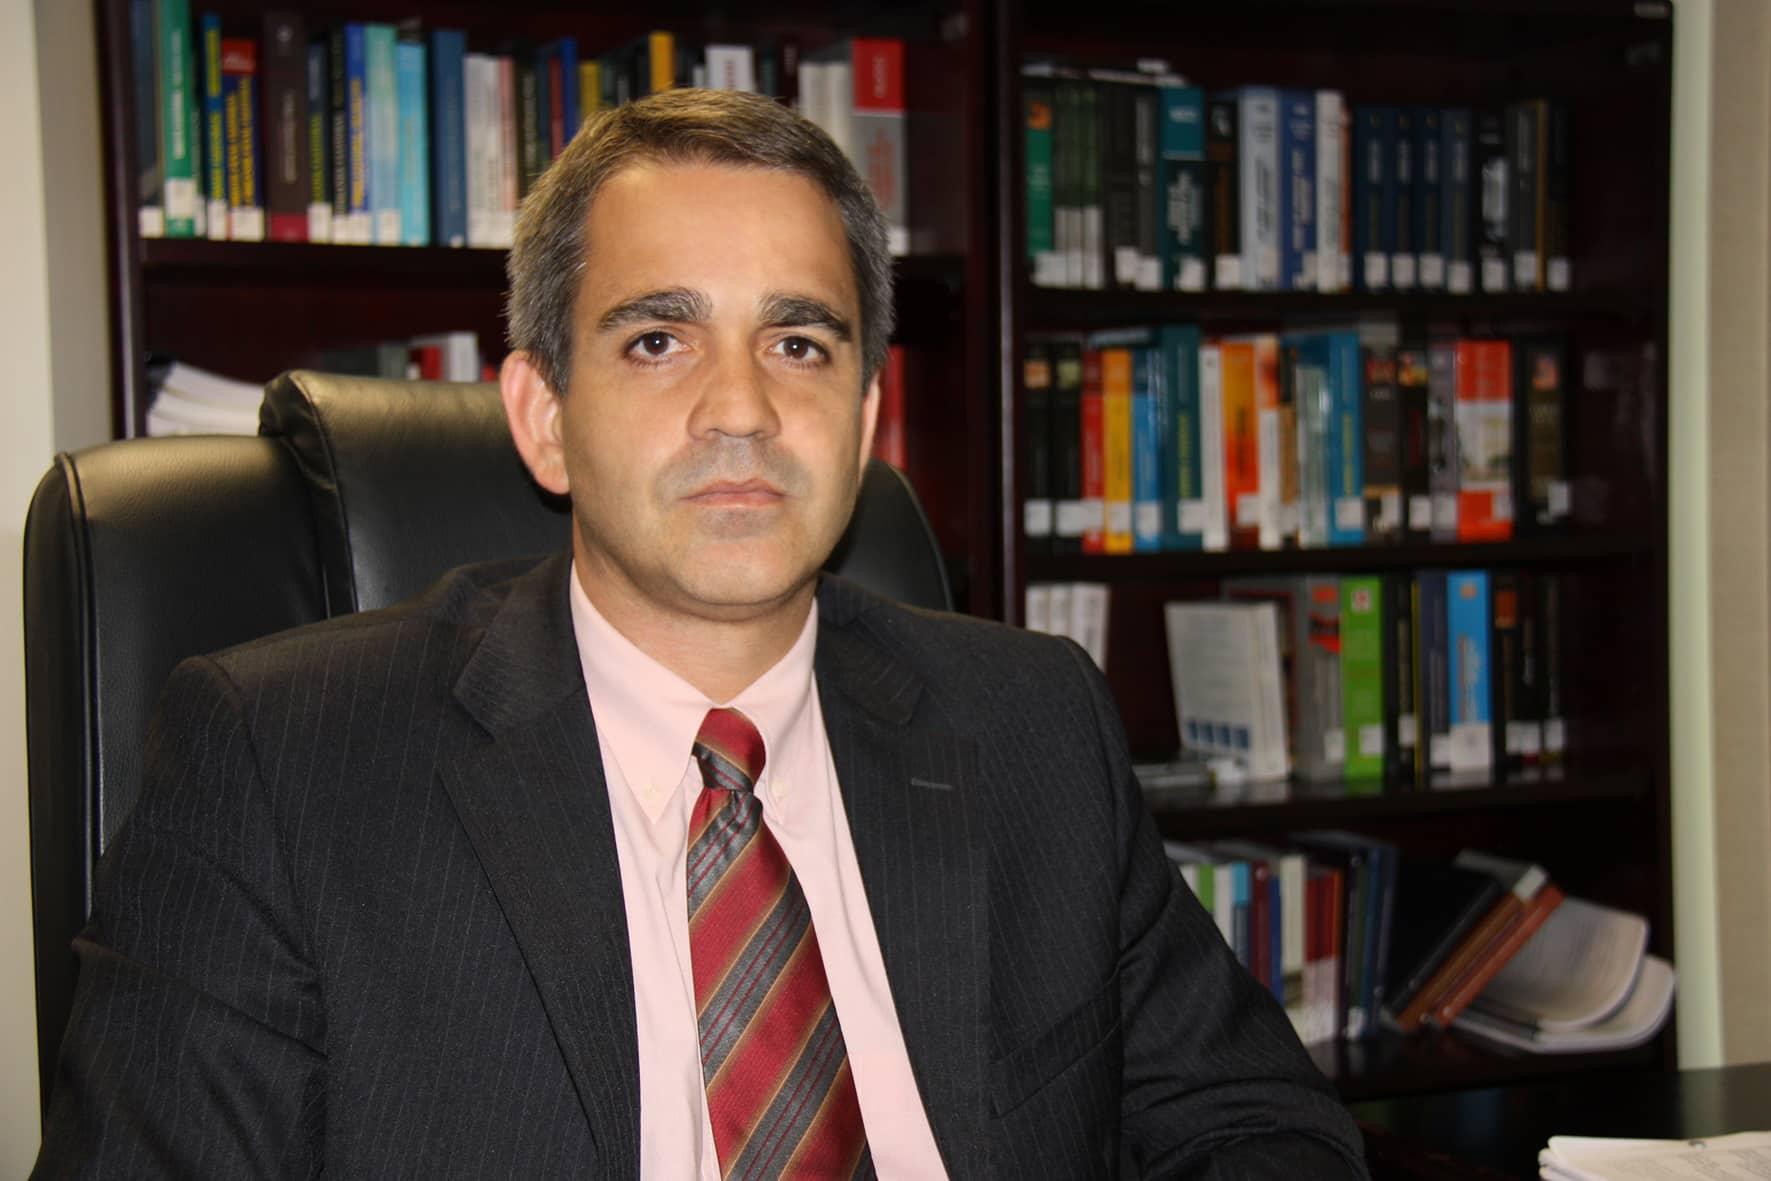 """Flávio Bhering ressalta: """"Acredito nas teses apresentadas, porque estão em consonância com a jurisprudência do Tribunal Superior Eleitoral."""